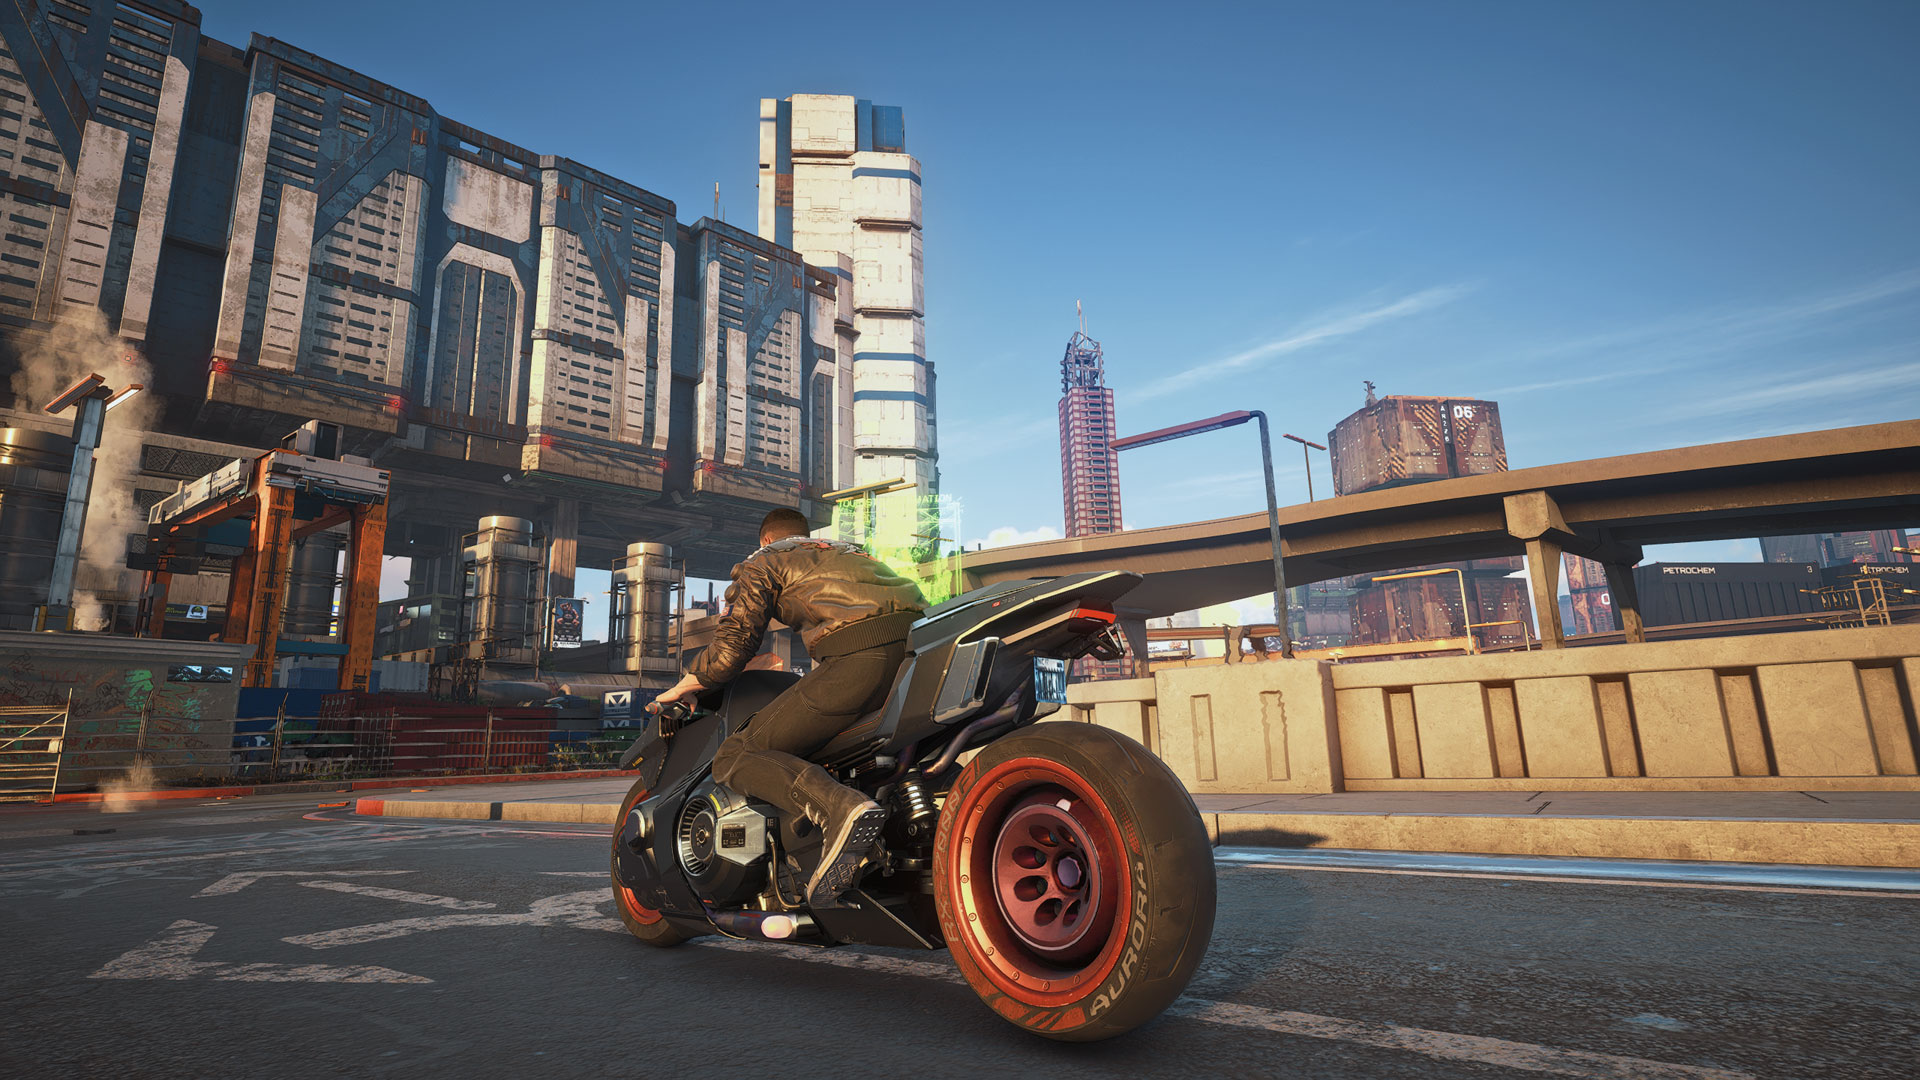 Cyberpunk 2077 dev CD Projekt Red hiring for a new open-world game